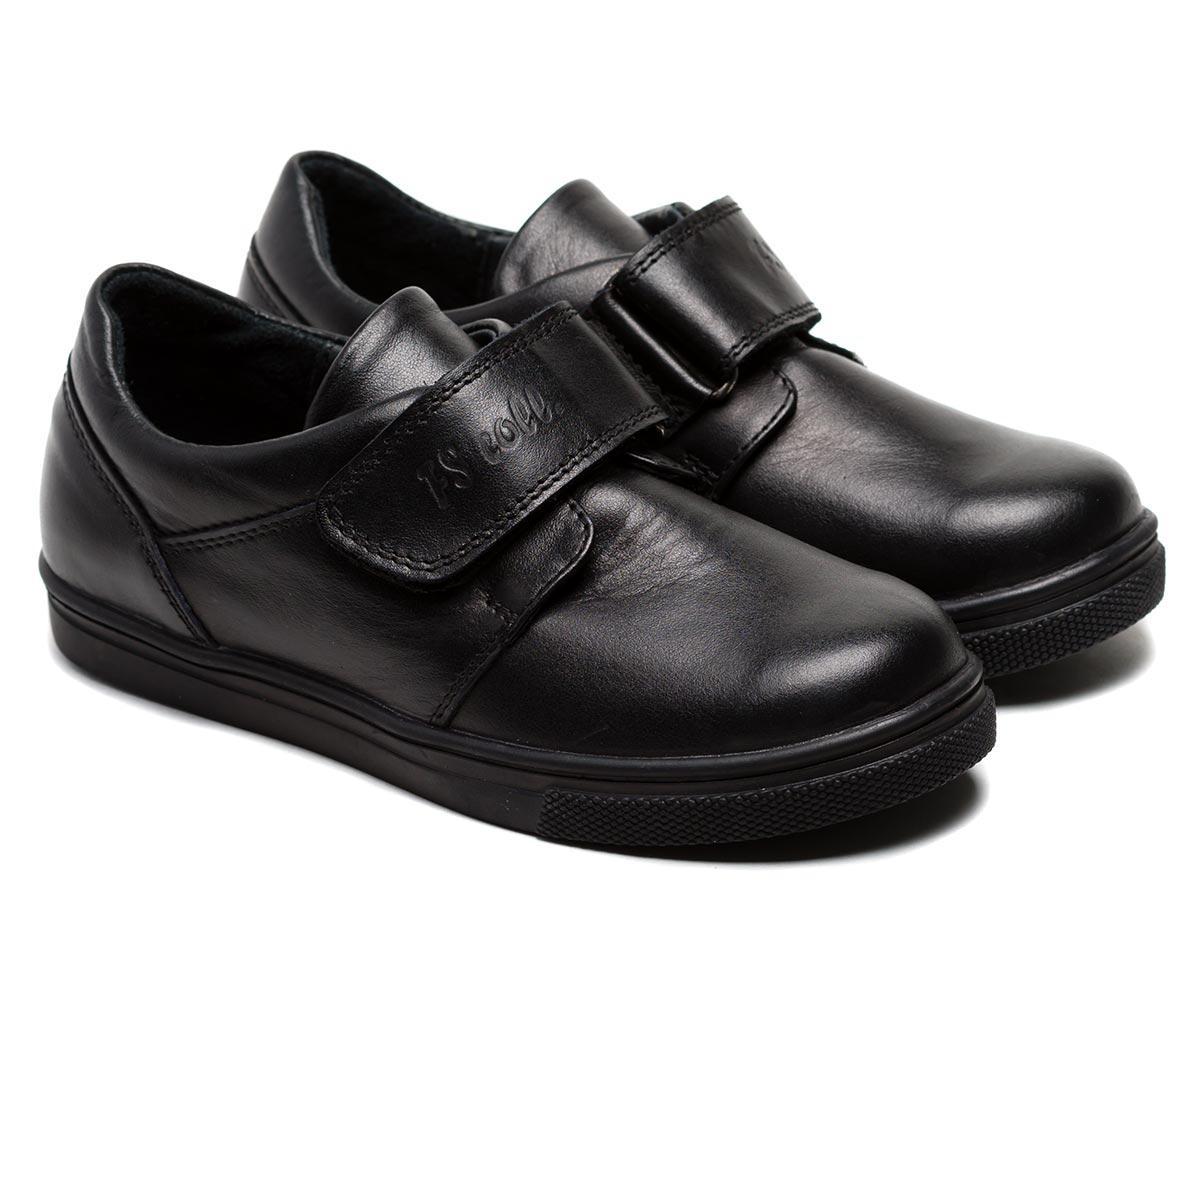 Туфли для школы FS Сollection кожаные на мальчика, размер 28-36